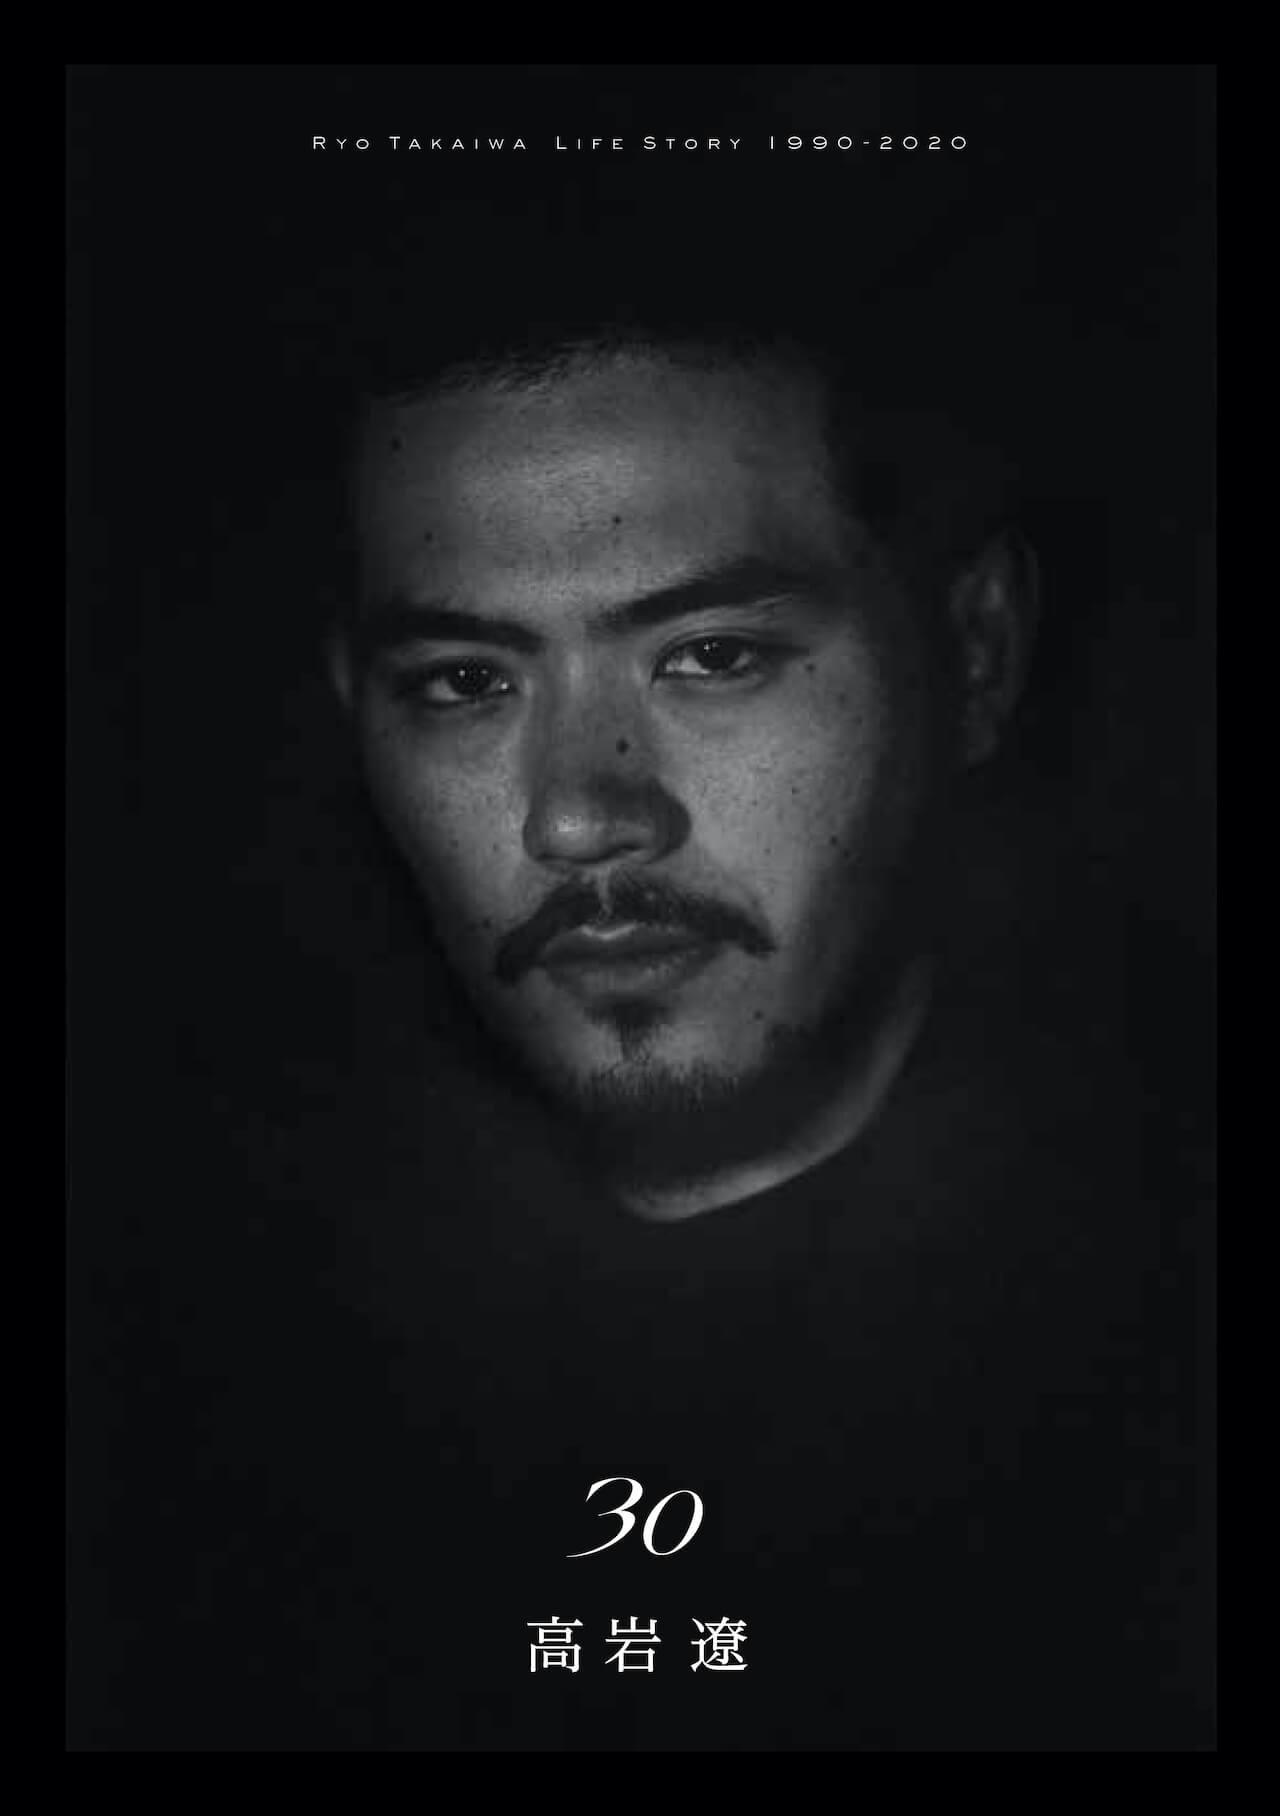 高岩遼よりスペシャルなお知らせが到着──自叙伝『30』が発売決定! music200723-takaiwaryo